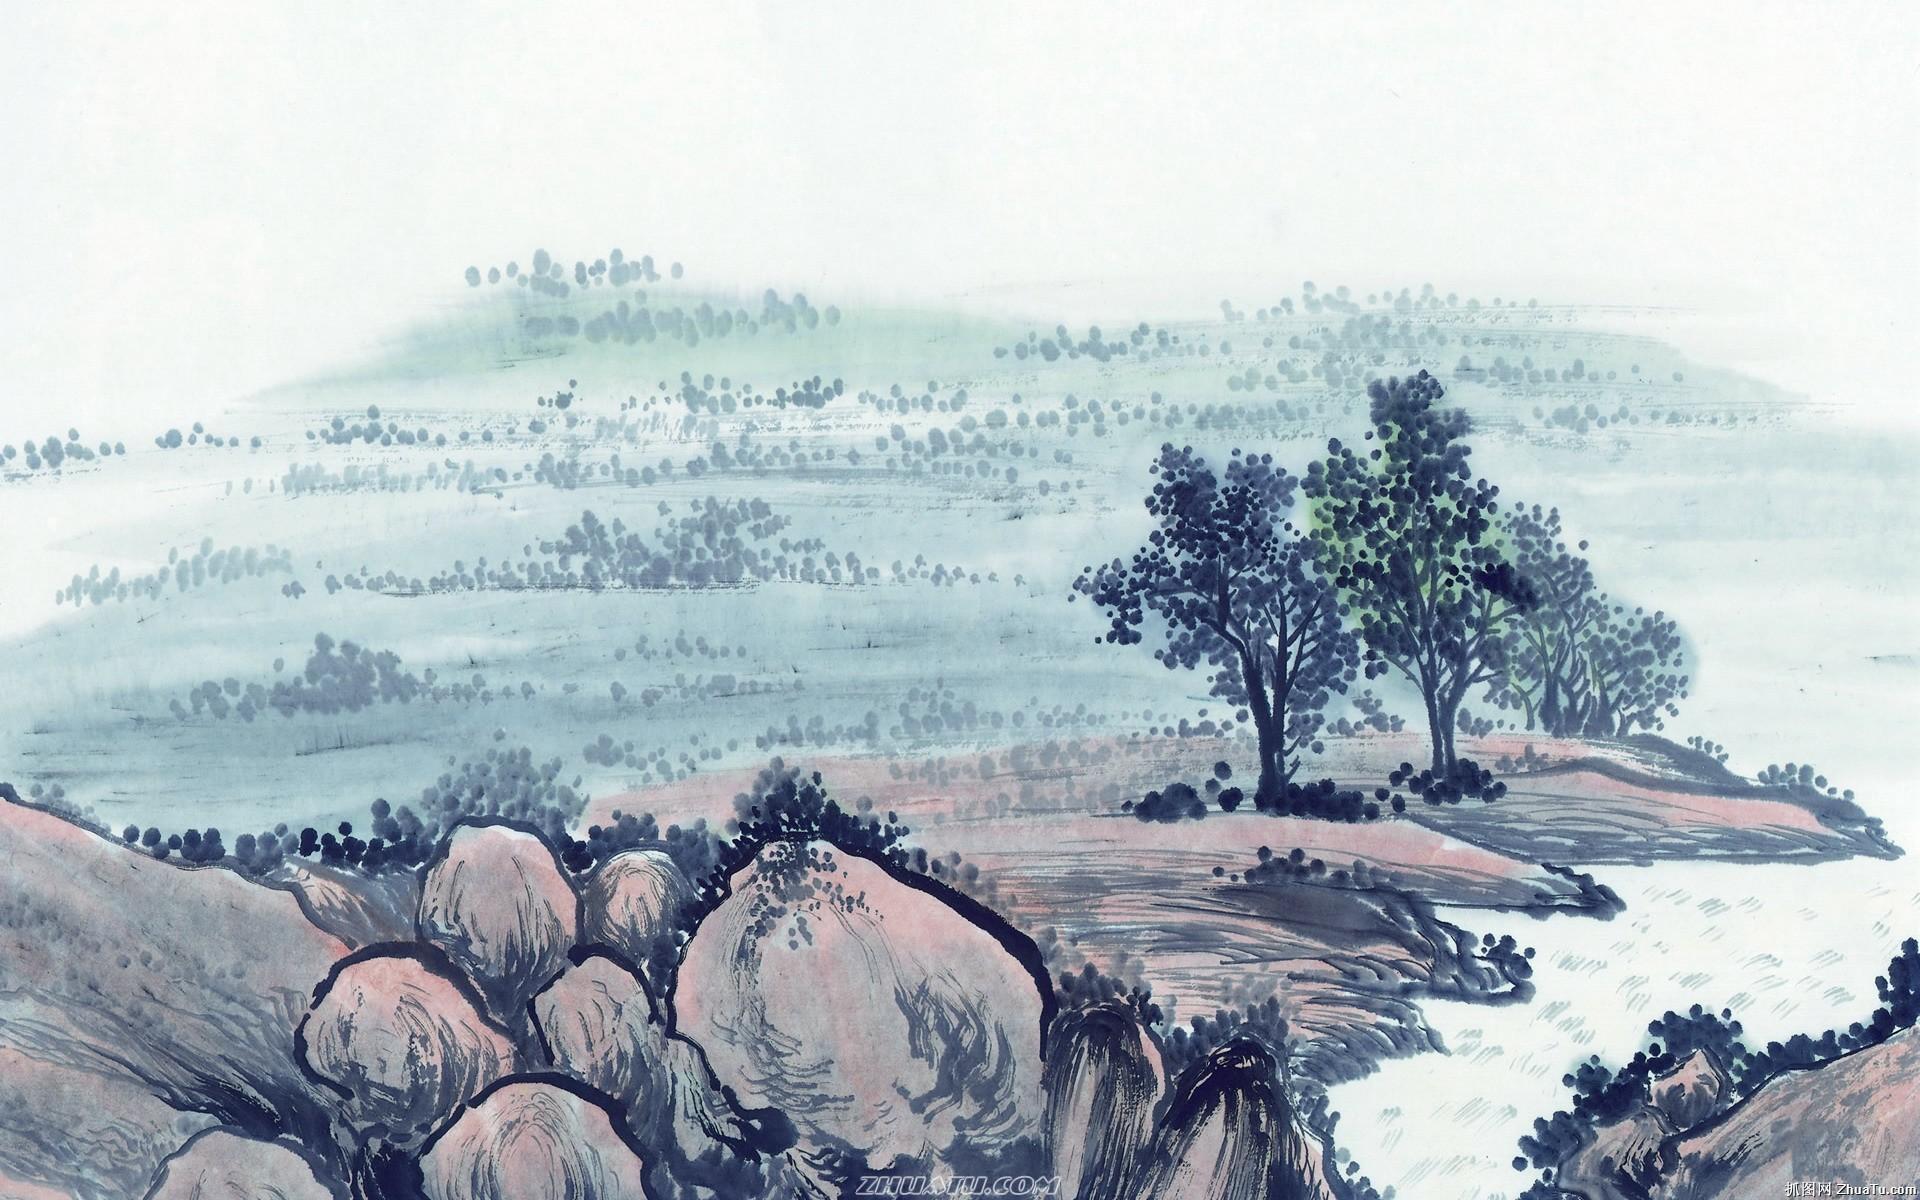 中国水墨画电脑壁纸图片大全 高清山水画桌面壁纸 高清山水图片